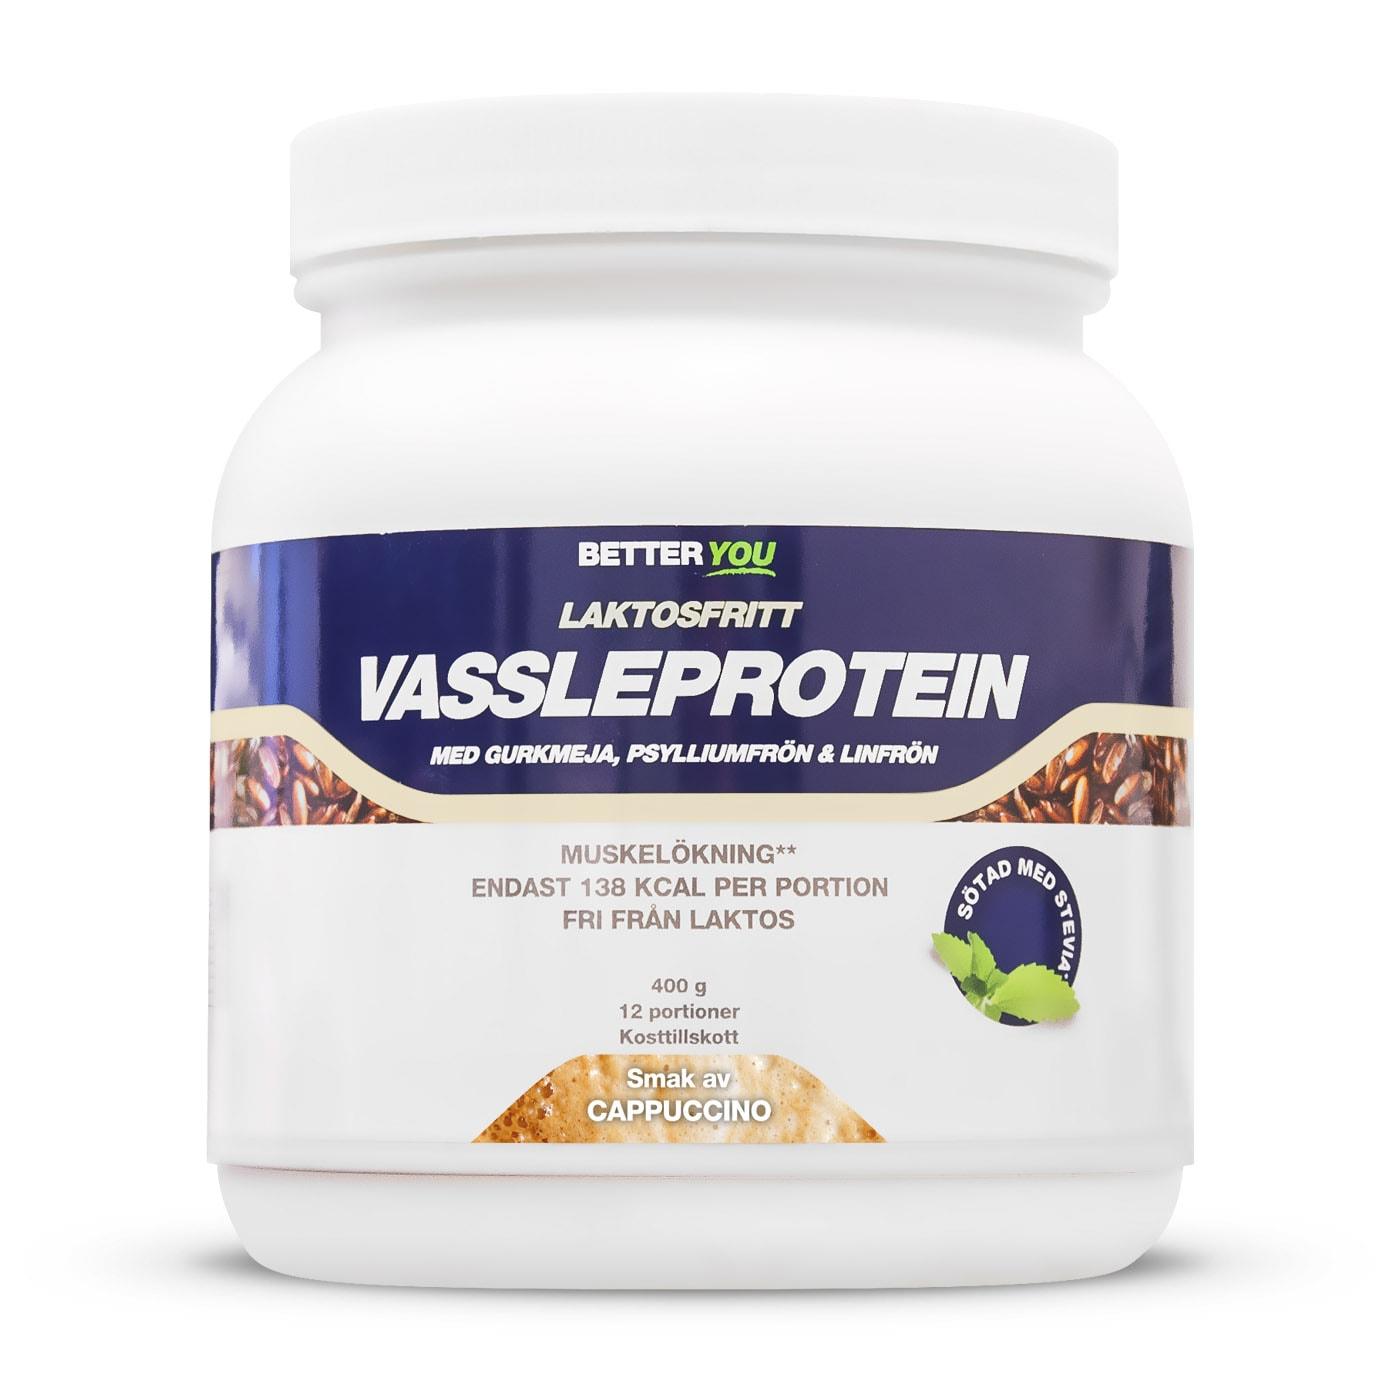 Laktosfritt vassleprotein